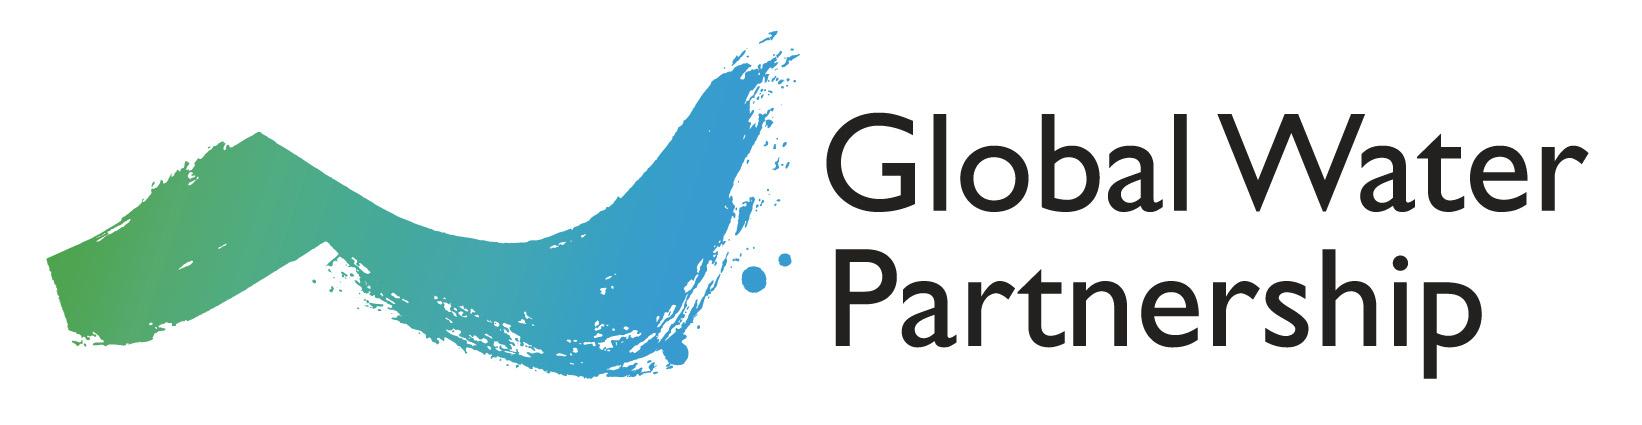 https://honduras.waterforpeople.org/wp-content/uploads/sites/5/2021/02/gwp-global-logo.jpg